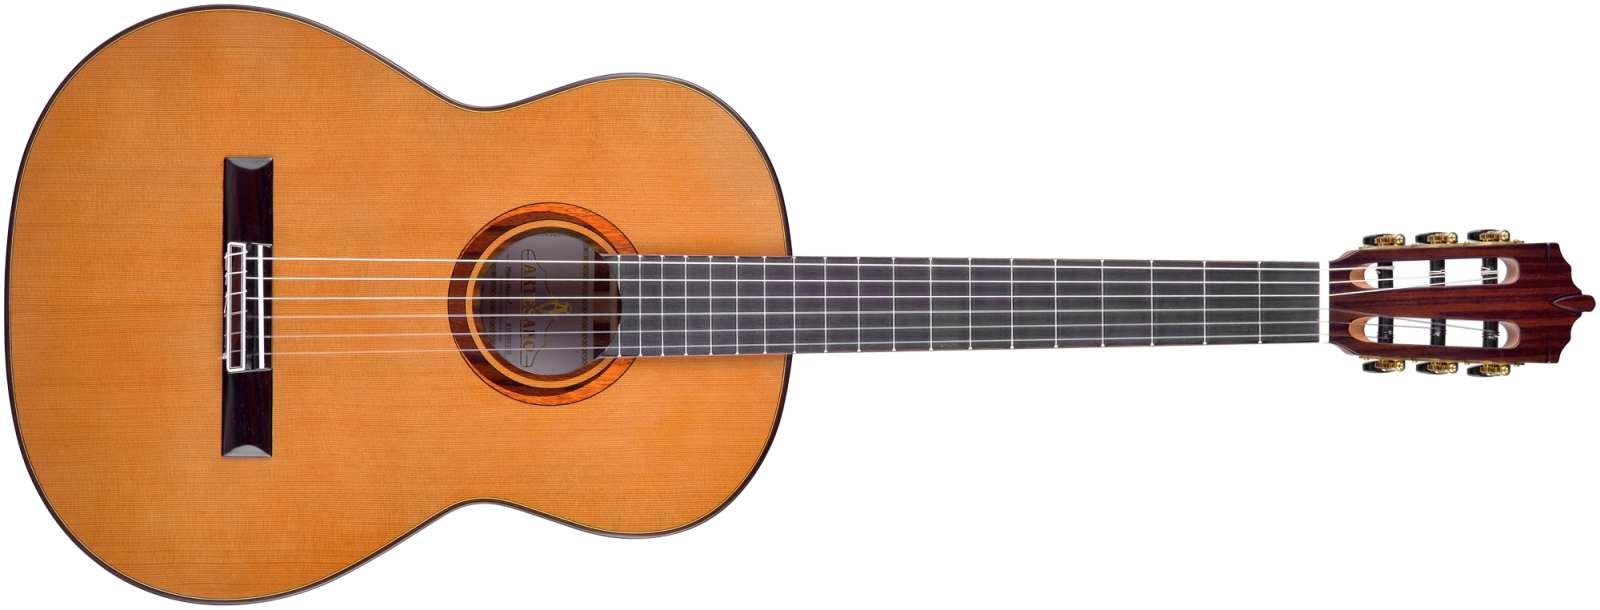 Artesano Nuevo Marron Konzertgitarre